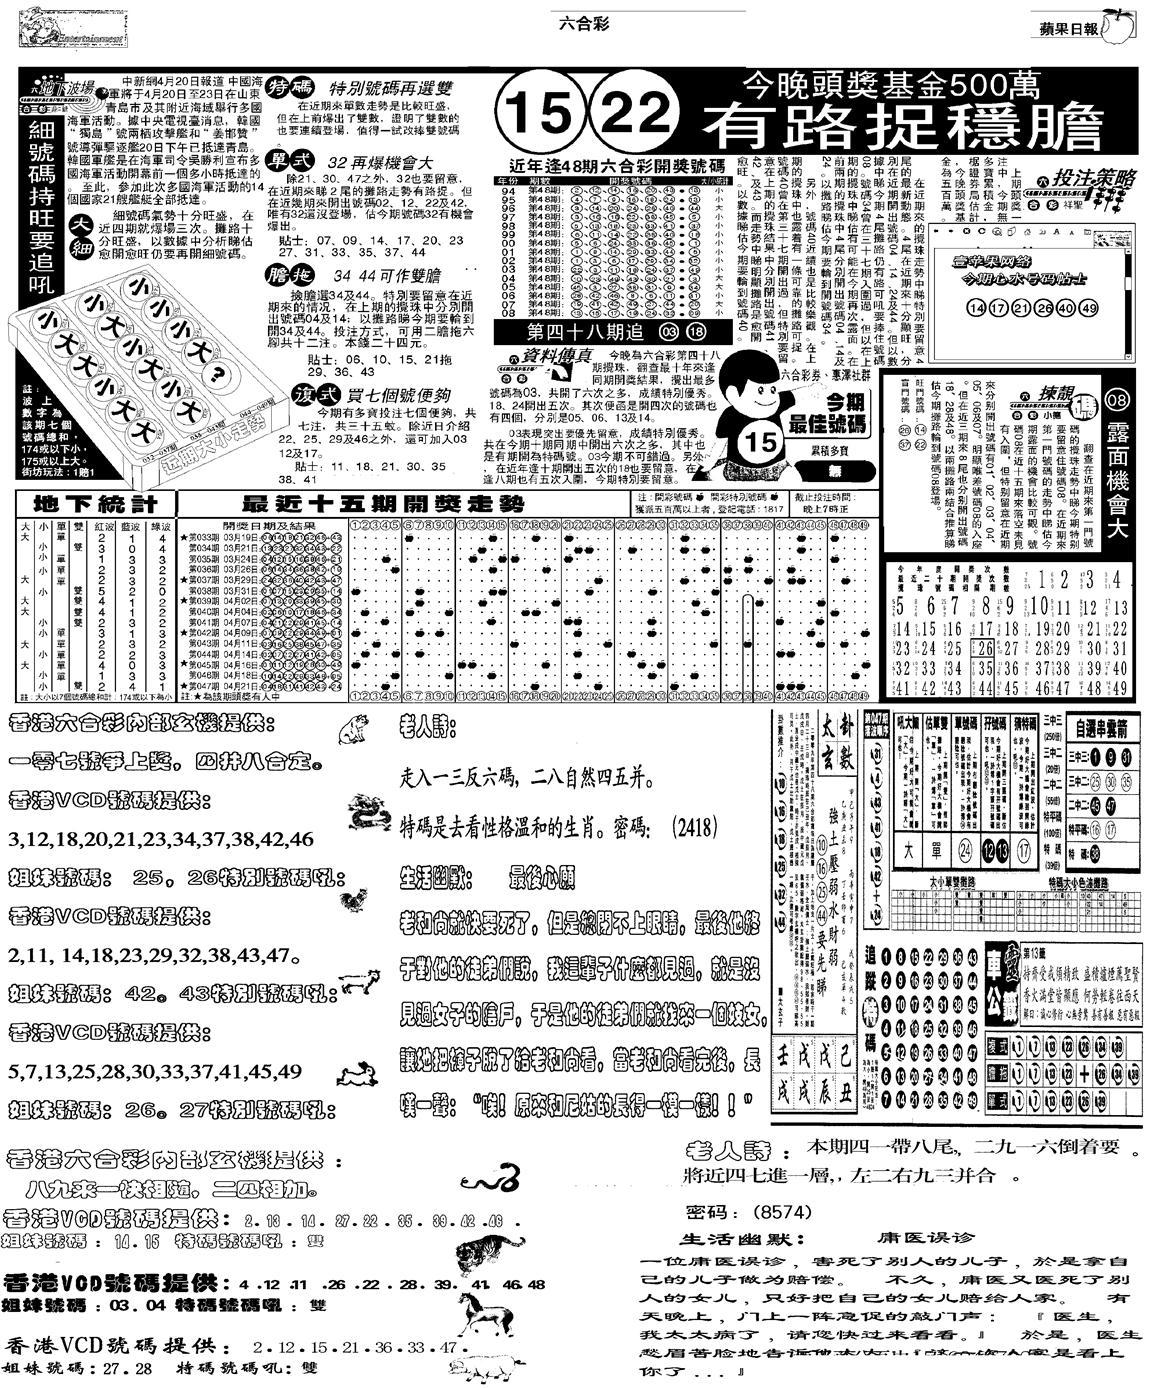 048期当日报-5(黑白)